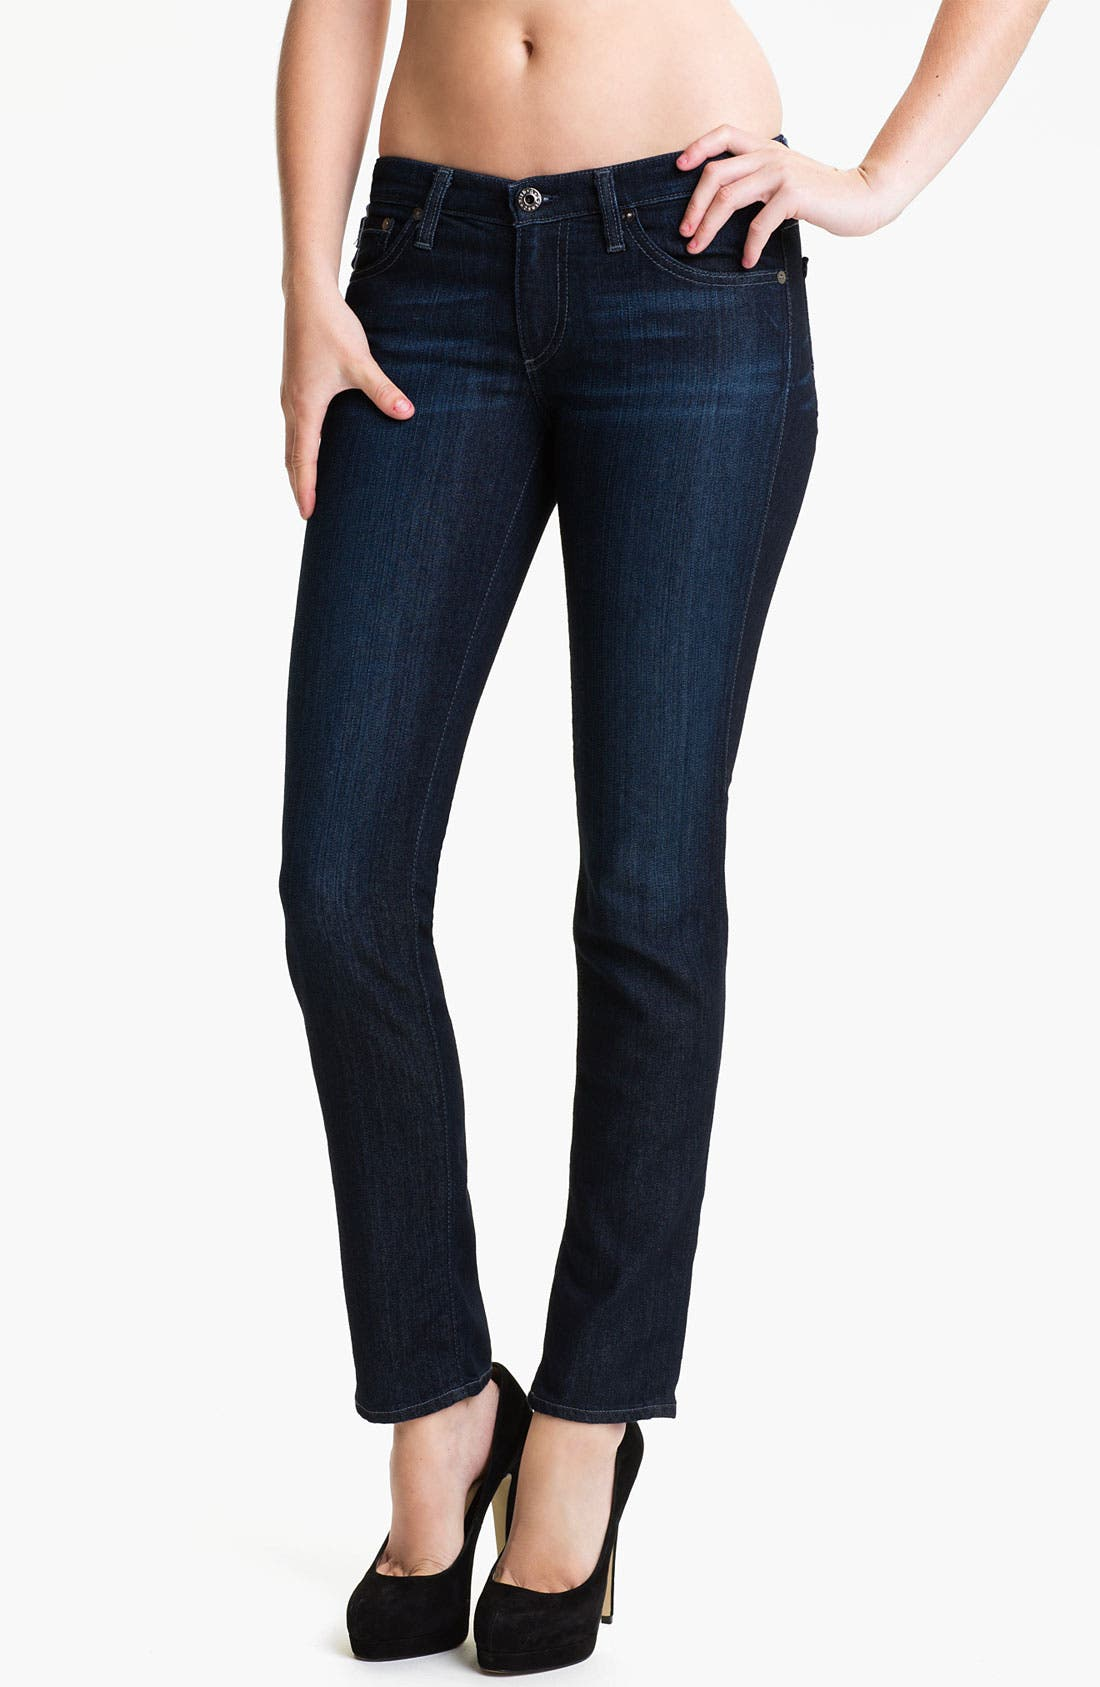 Main Image - AG Jeans 'Stilt' Skinny Jeans (Chandelier)